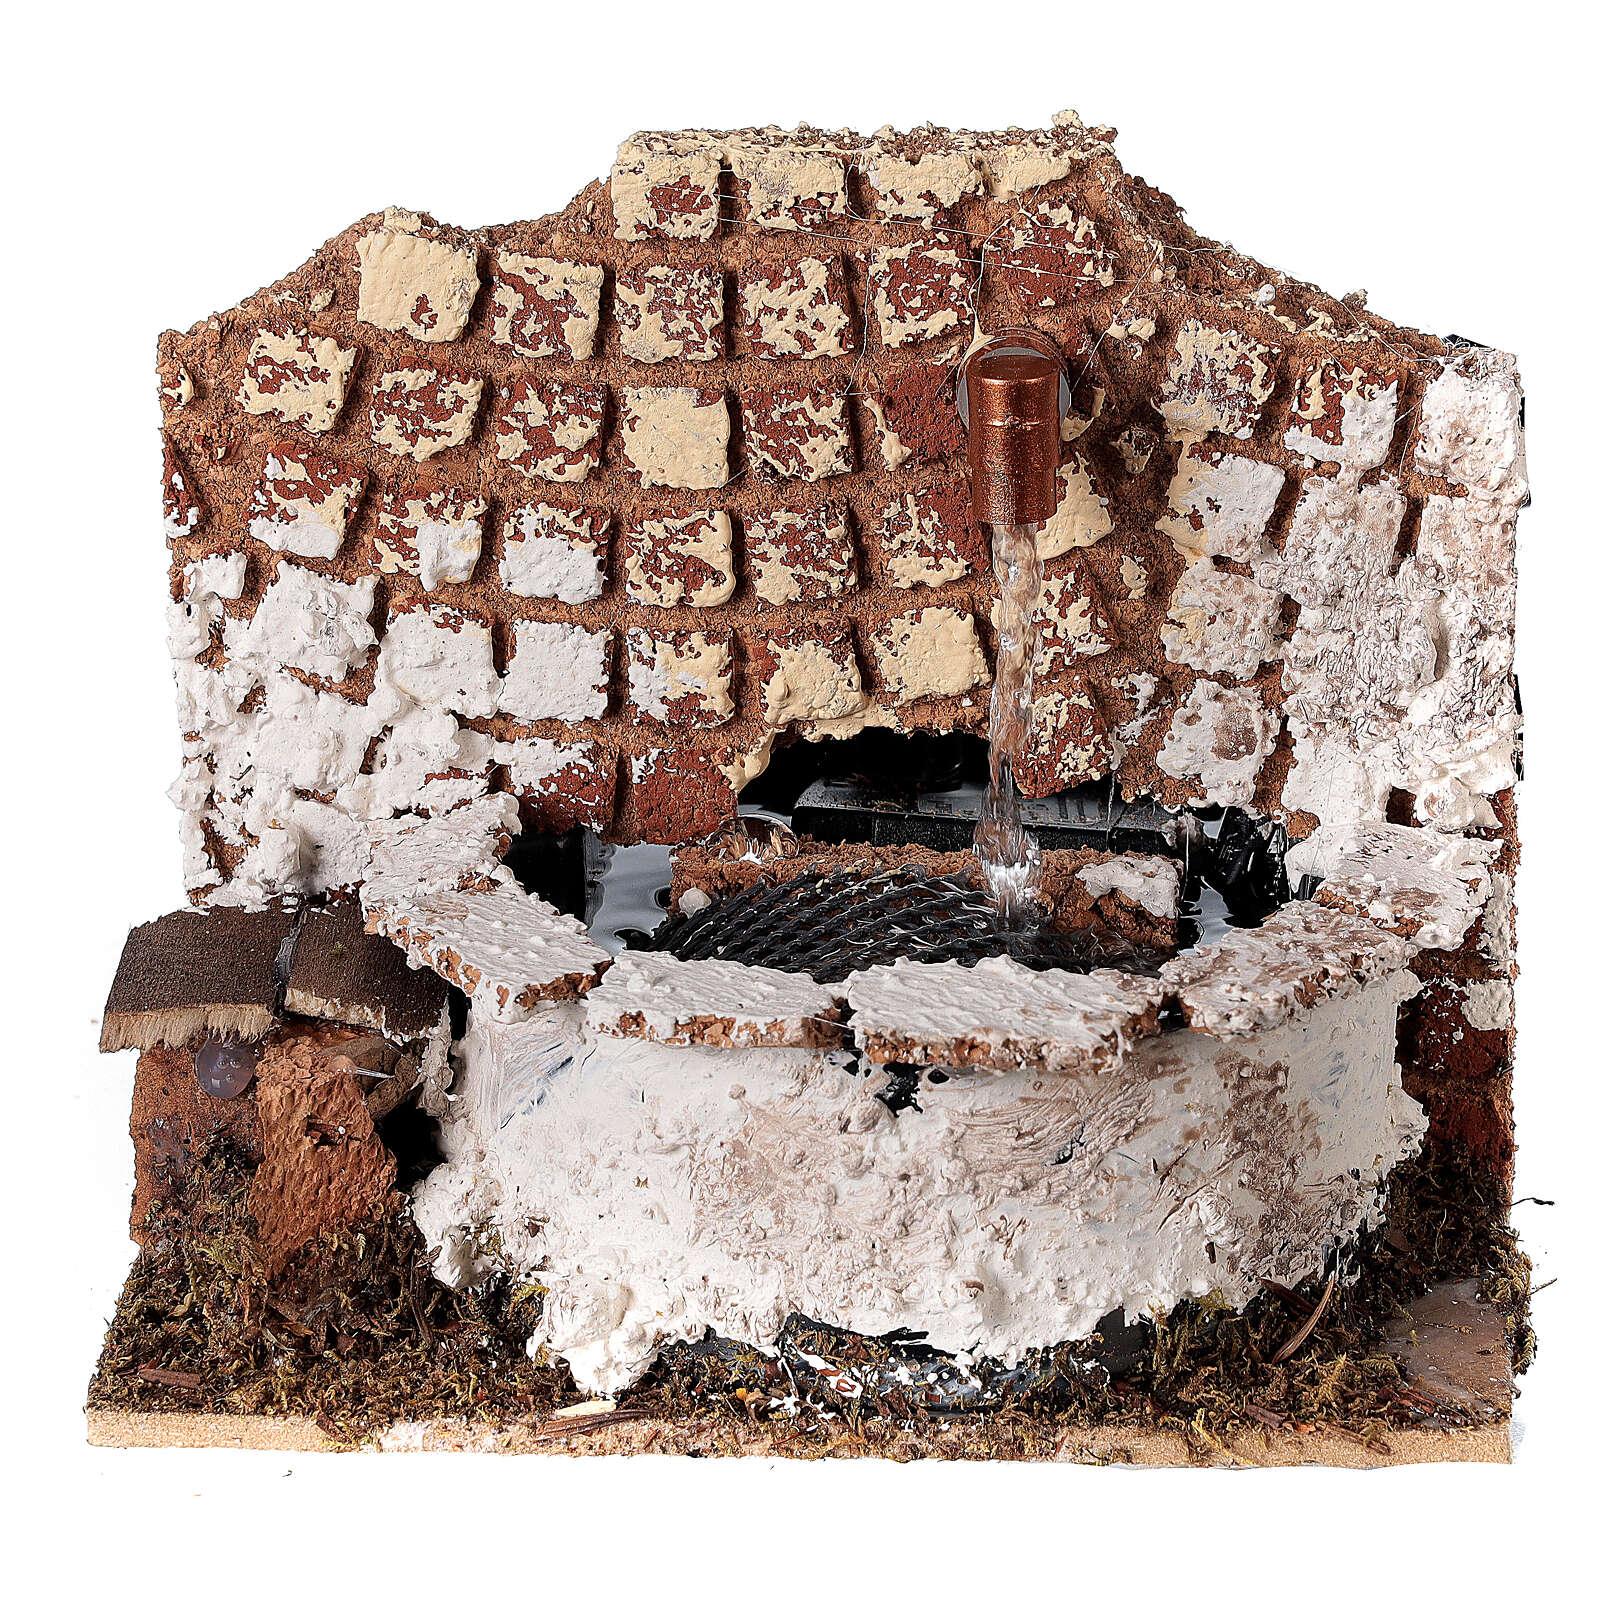 Fontana circolare con pompa 10x15x10 cm per presepe 8-10 cm 4